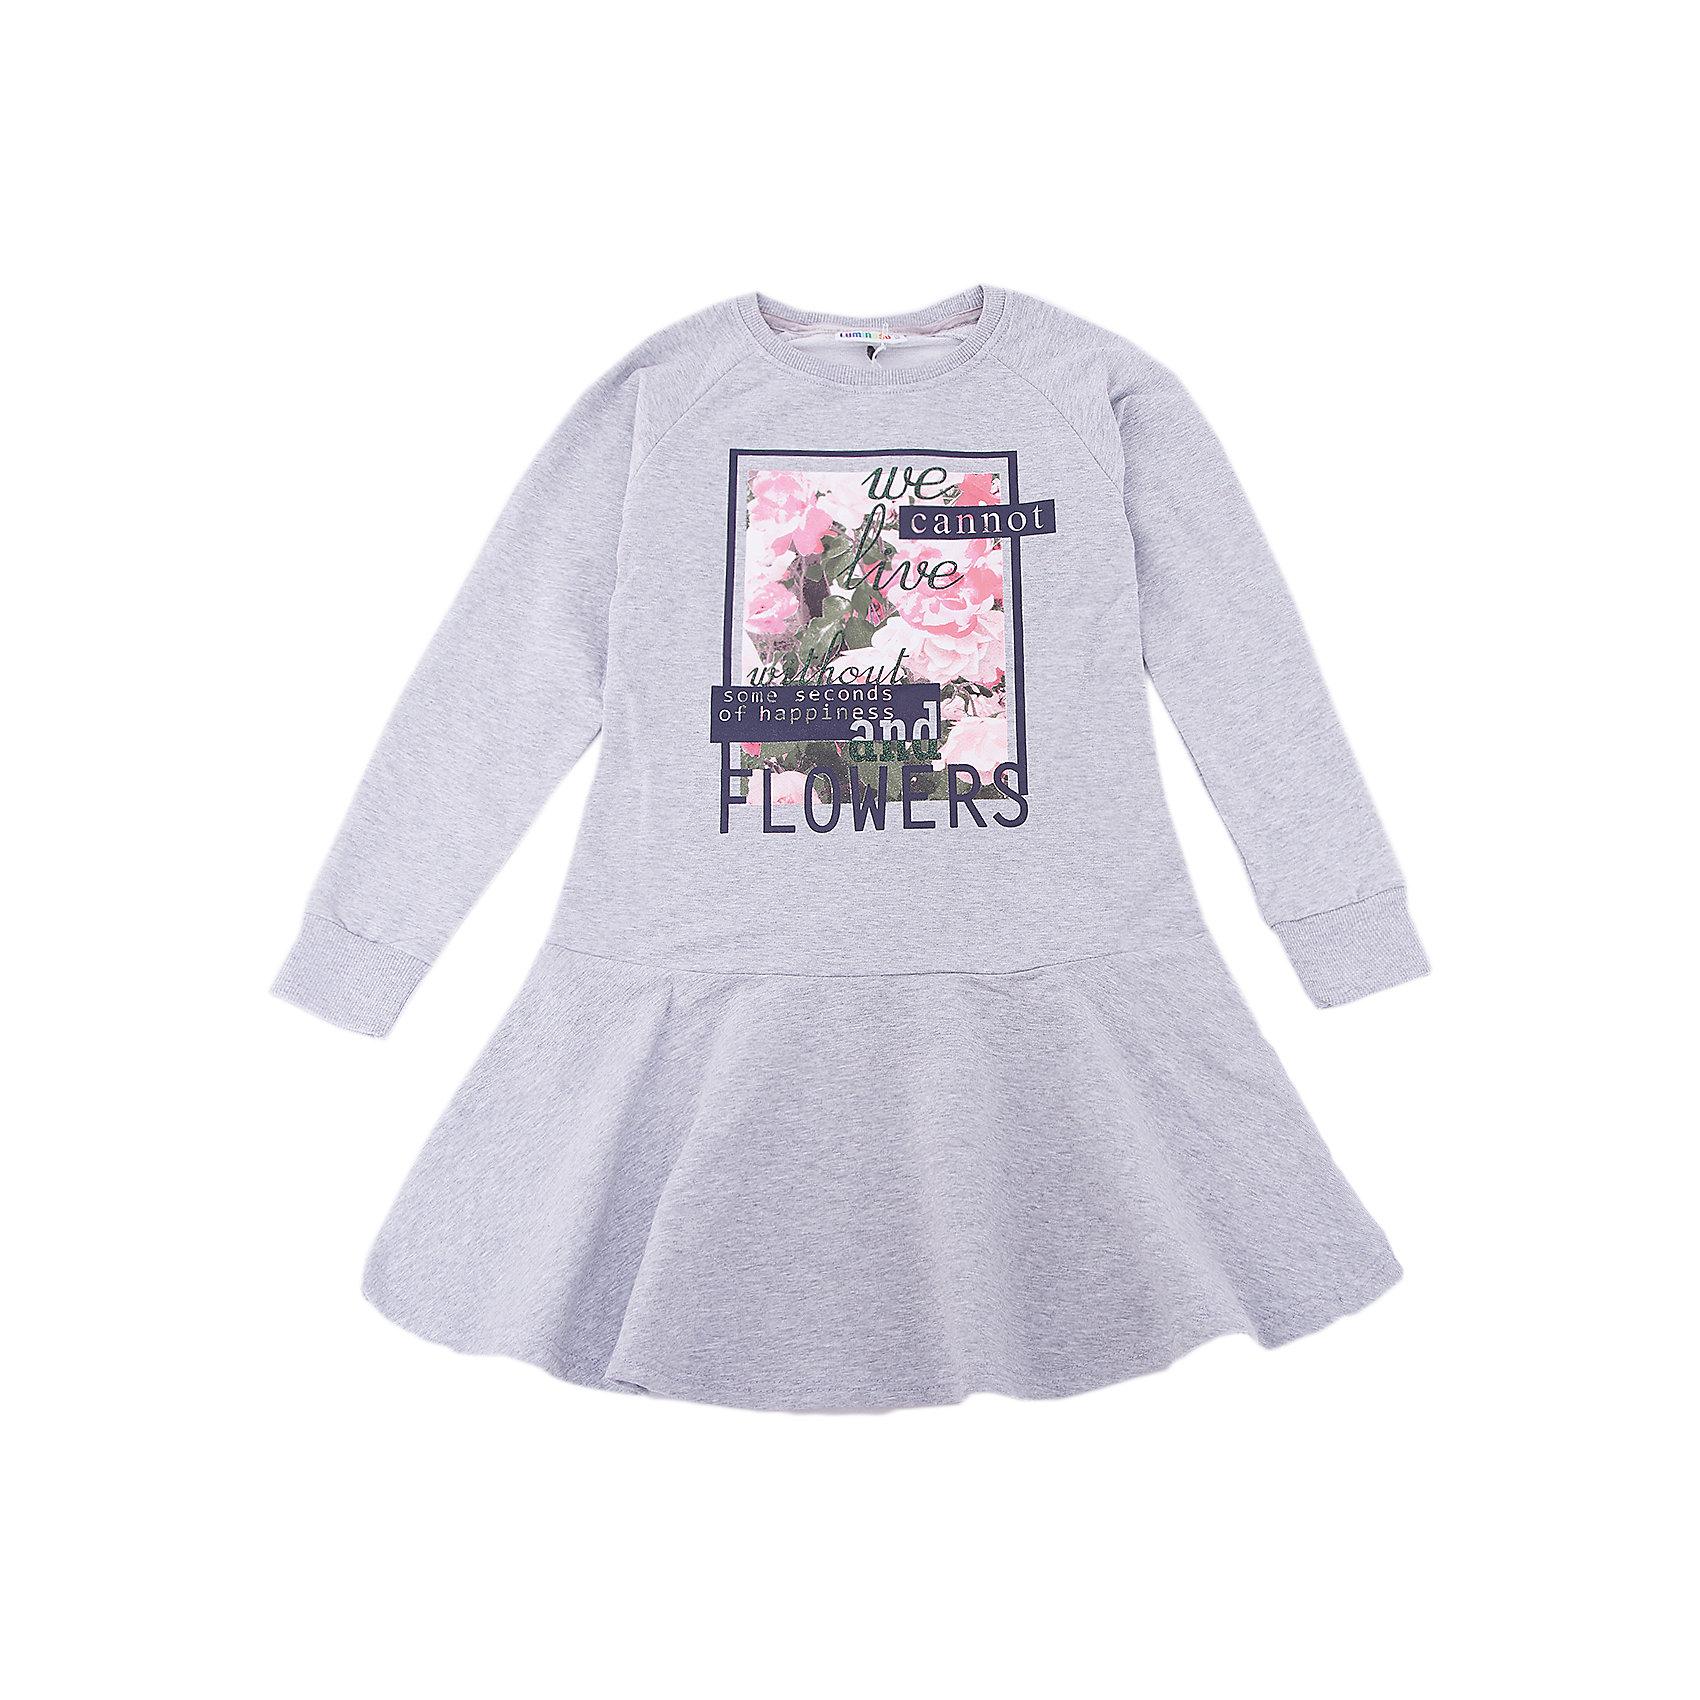 Платье Luminoso для девочкиПлатья и сарафаны<br>Платье Luminoso для девочки<br><br>Состав:<br>95% хлопок, 5% эластан<br><br>Ширина мм: 236<br>Глубина мм: 16<br>Высота мм: 184<br>Вес г: 177<br>Цвет: серый<br>Возраст от месяцев: 156<br>Возраст до месяцев: 168<br>Пол: Женский<br>Возраст: Детский<br>Размер: 164,134,140,146,152,158<br>SKU: 7097159